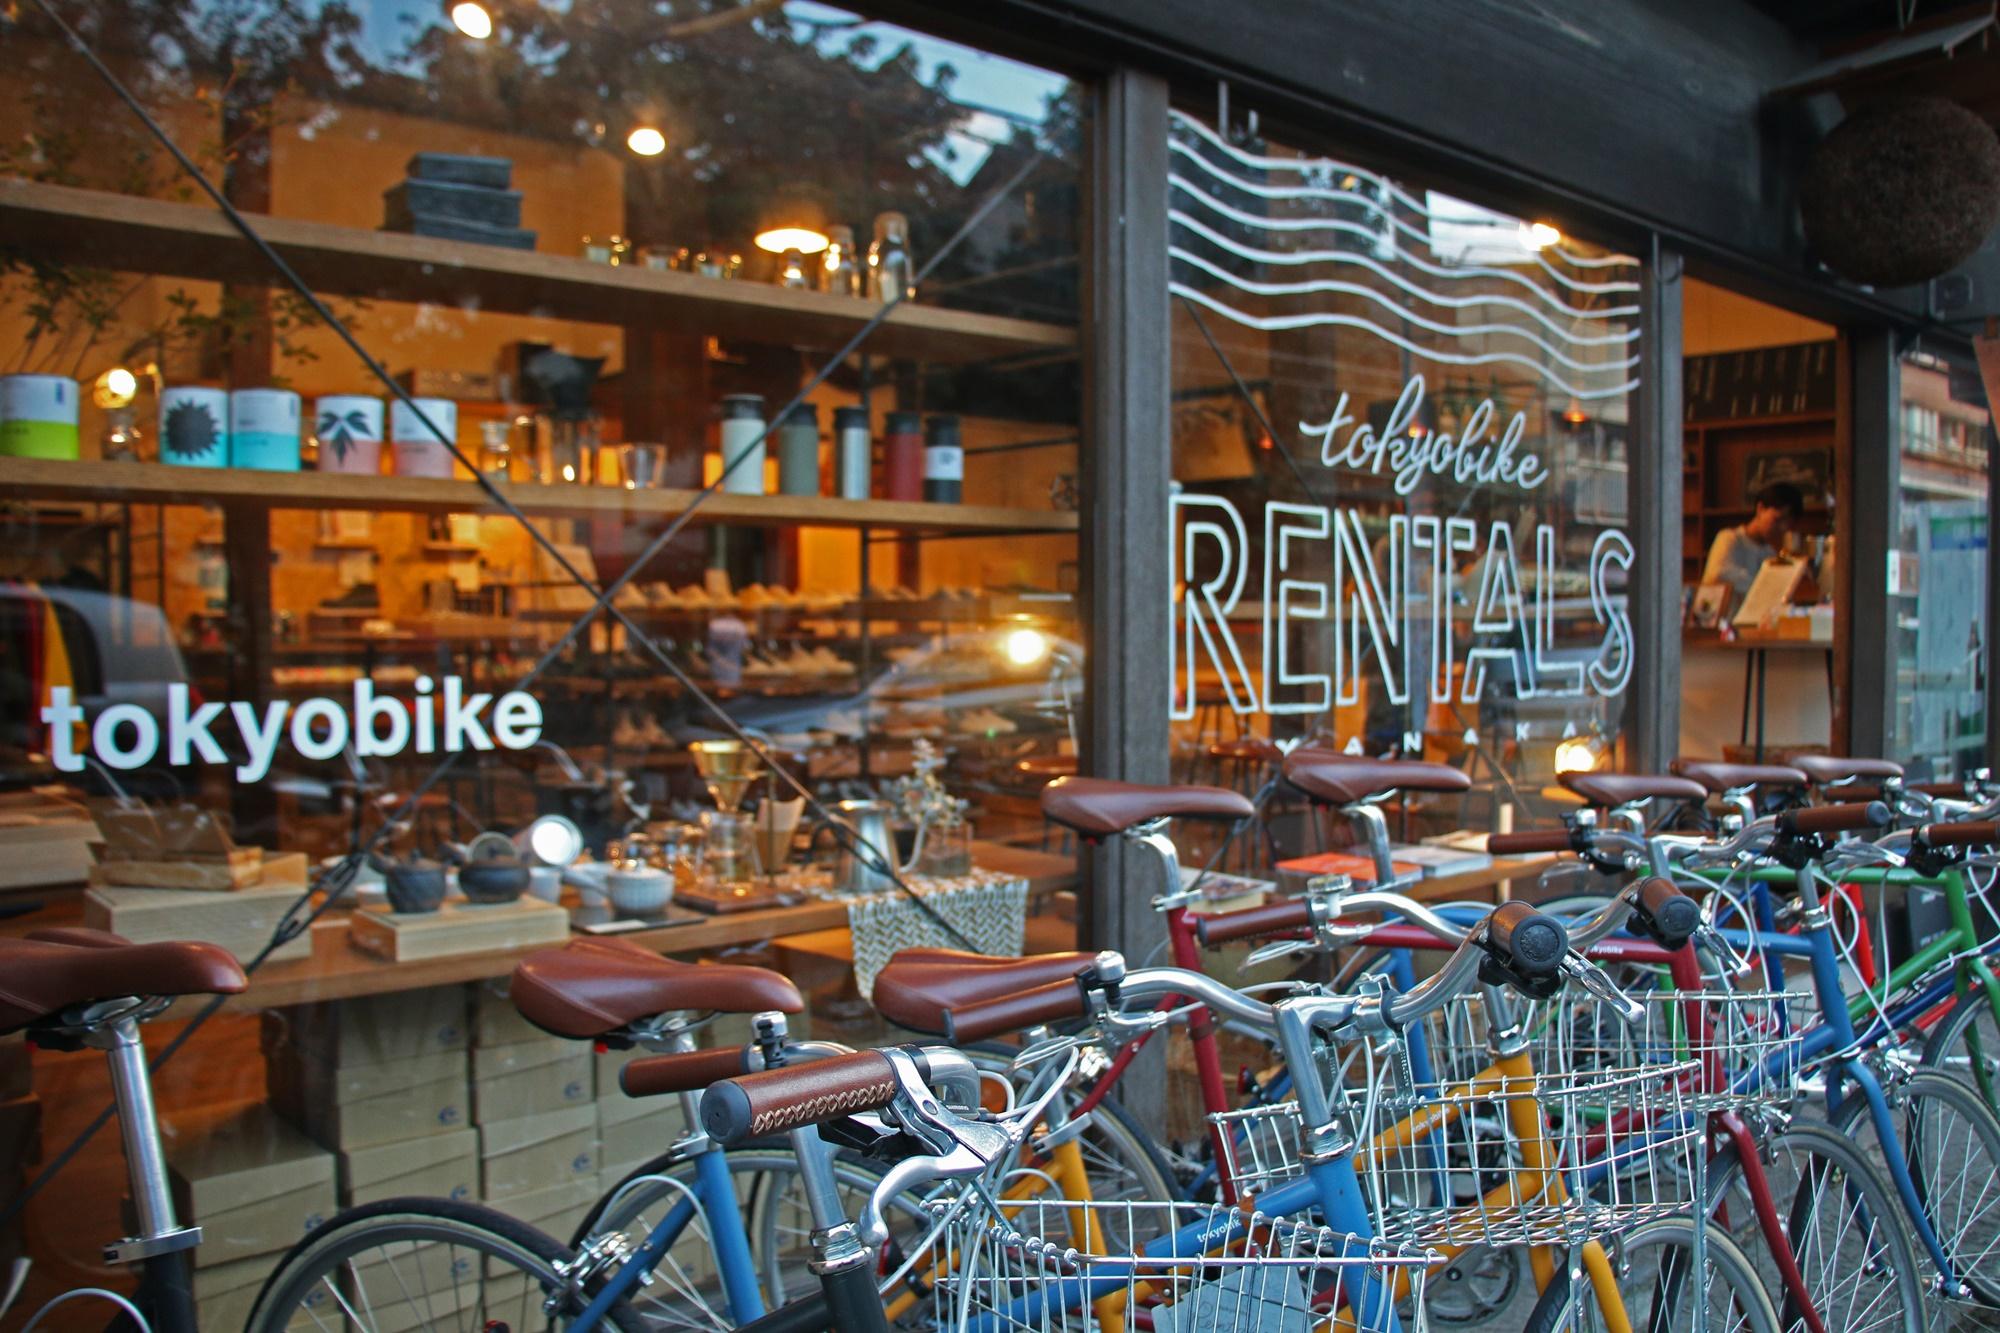 도쿄바이크 렌털스 야나카(Tokyobike Rentals Yanaka) 전경 ⓒ유소라